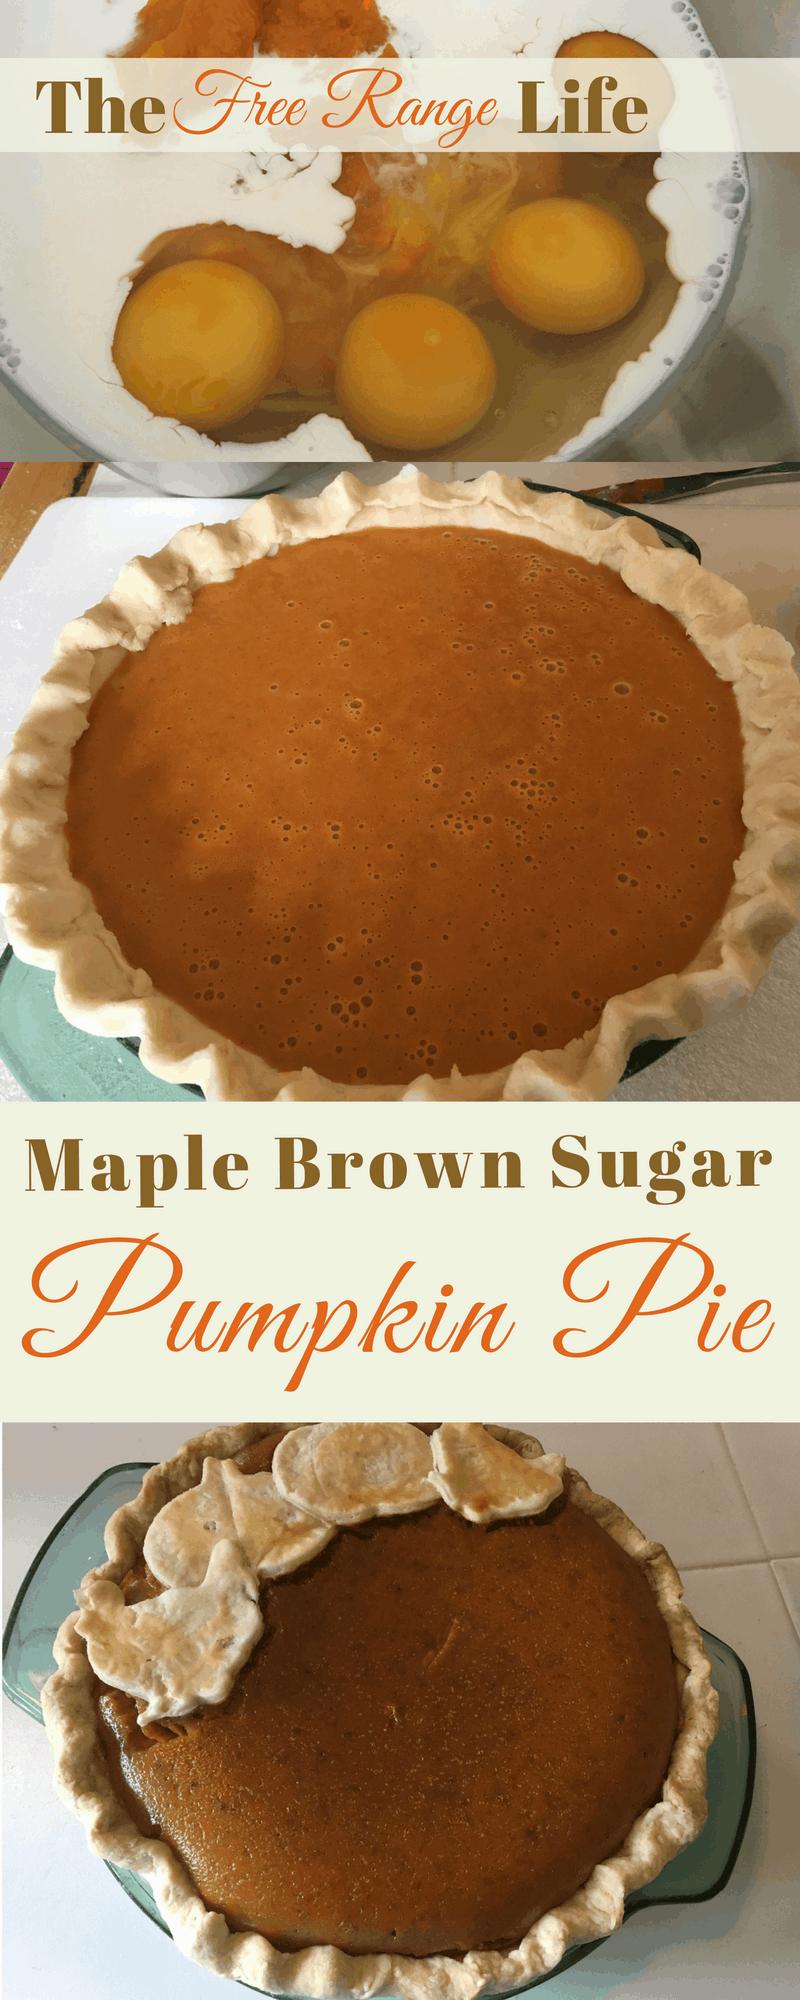 maple-brown-sugar-pumpkin-pie